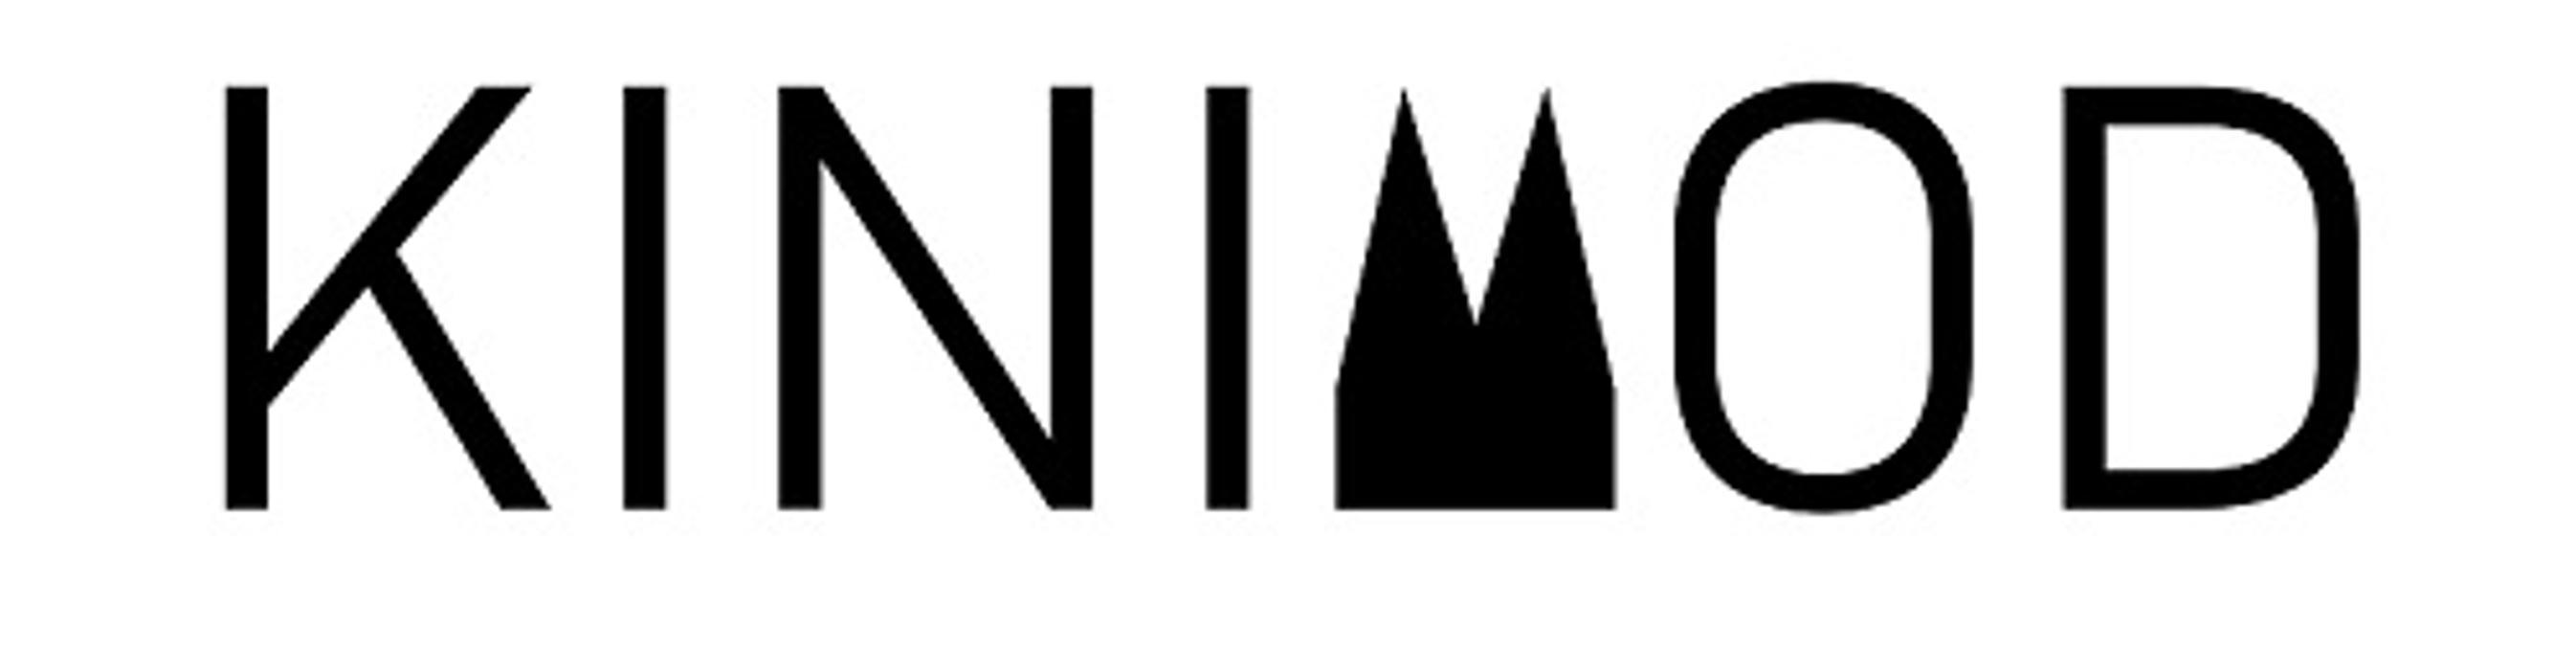 Kinimod